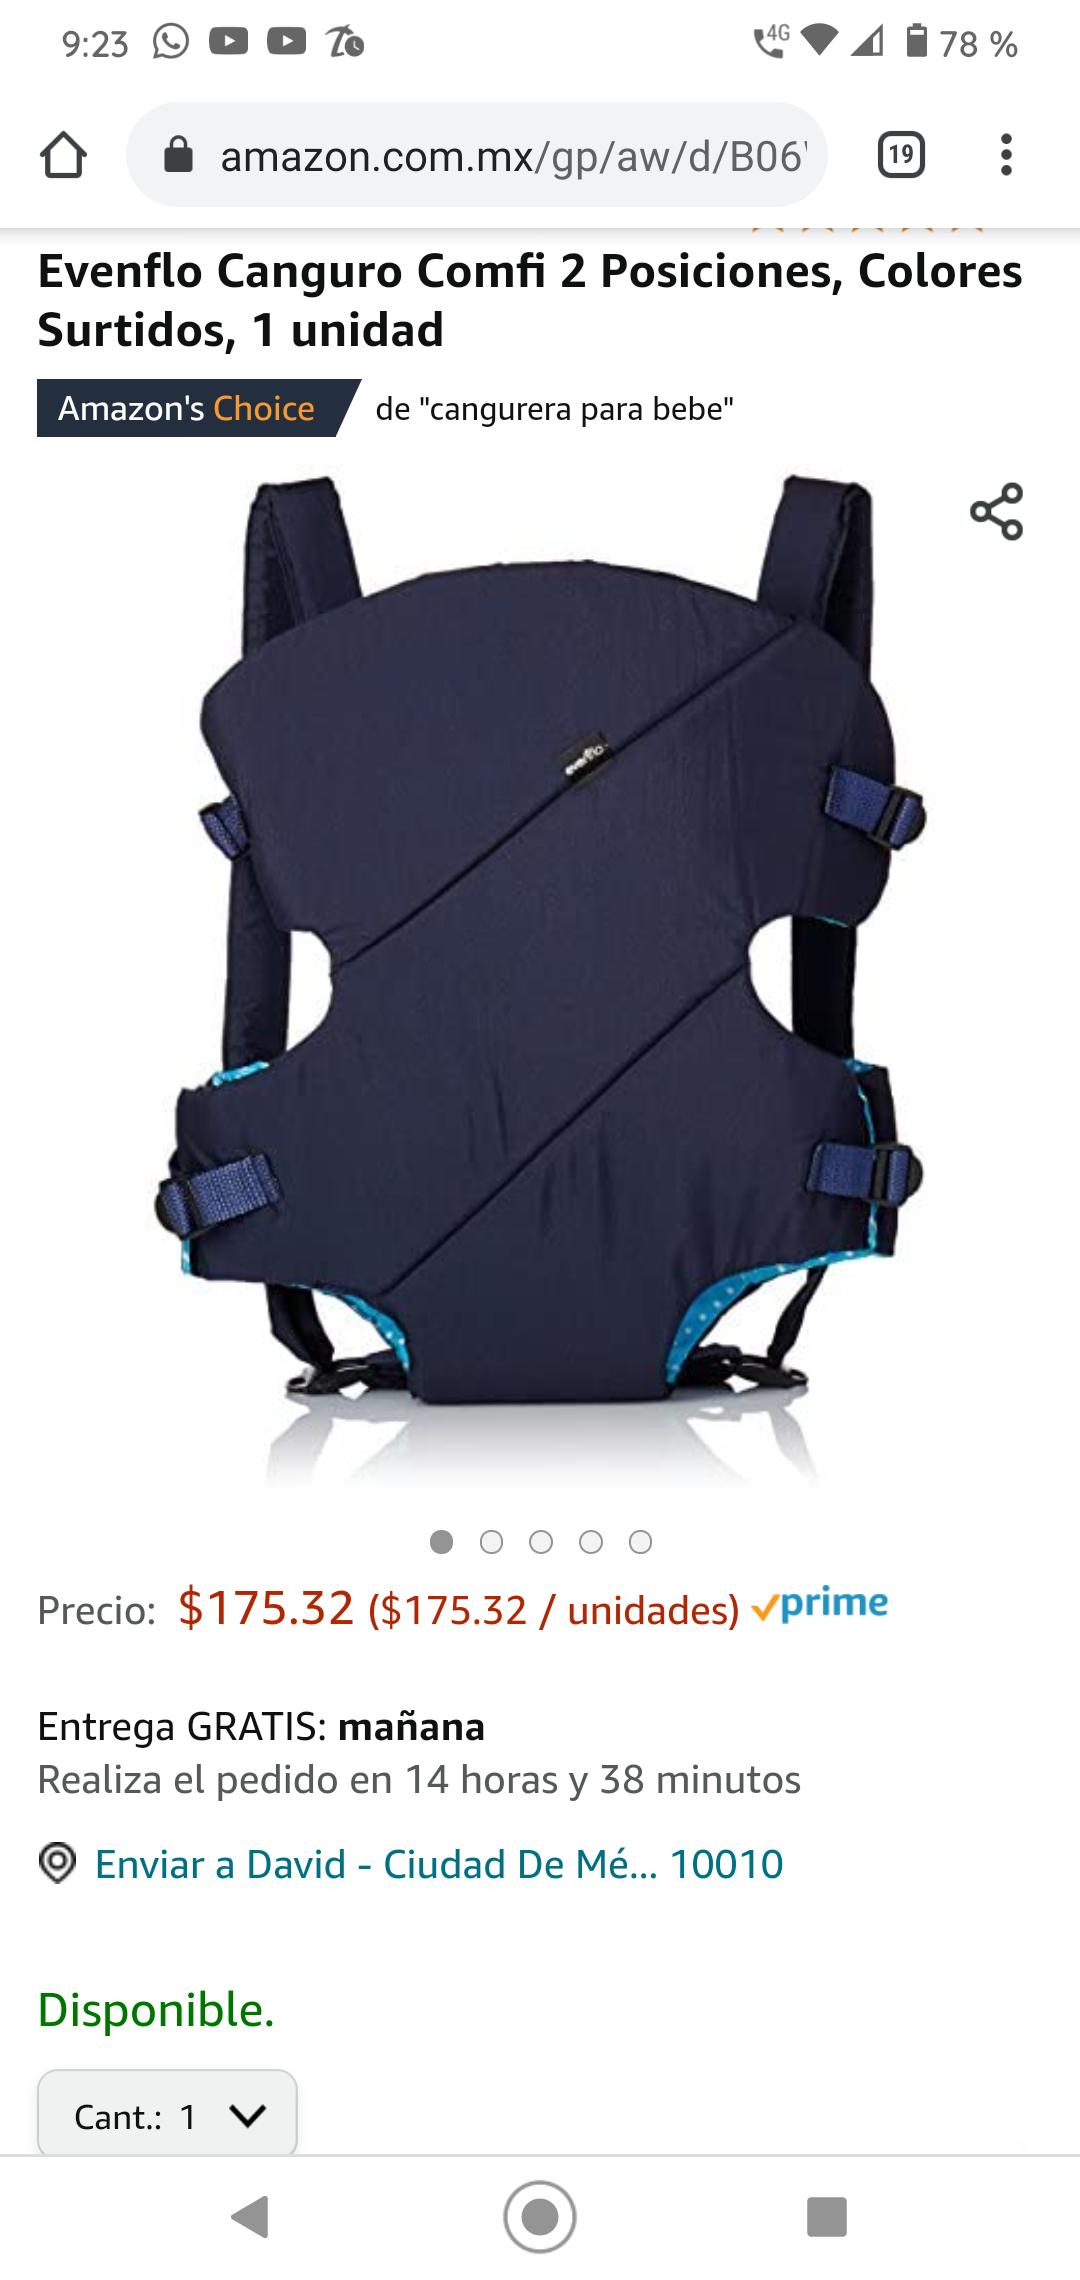 Amazon - Evenflo Canguro Comfi 2 Posiciones, Colores Surtidos,